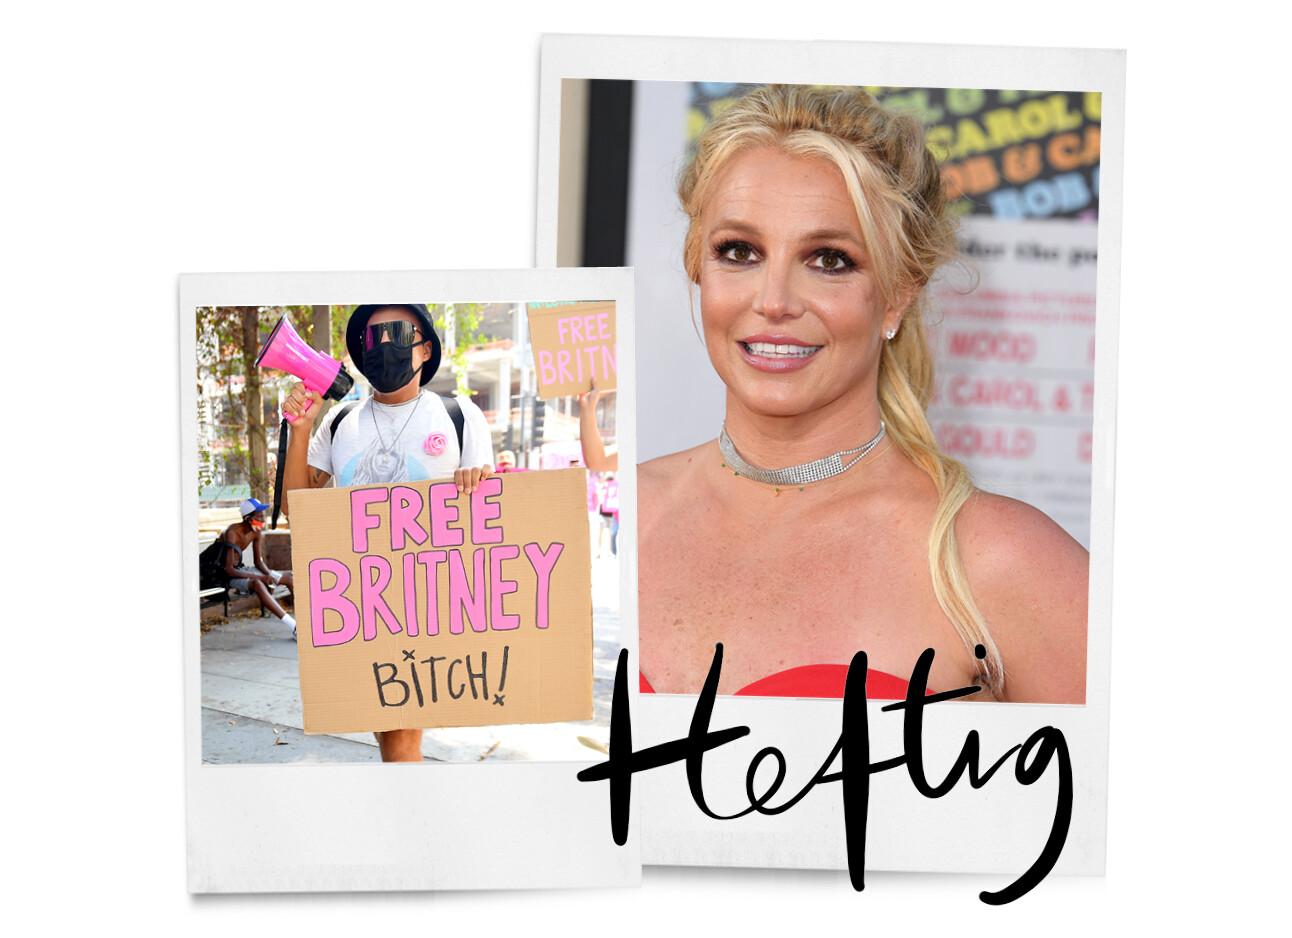 Docu over Britney laat haar bizarre leven zien